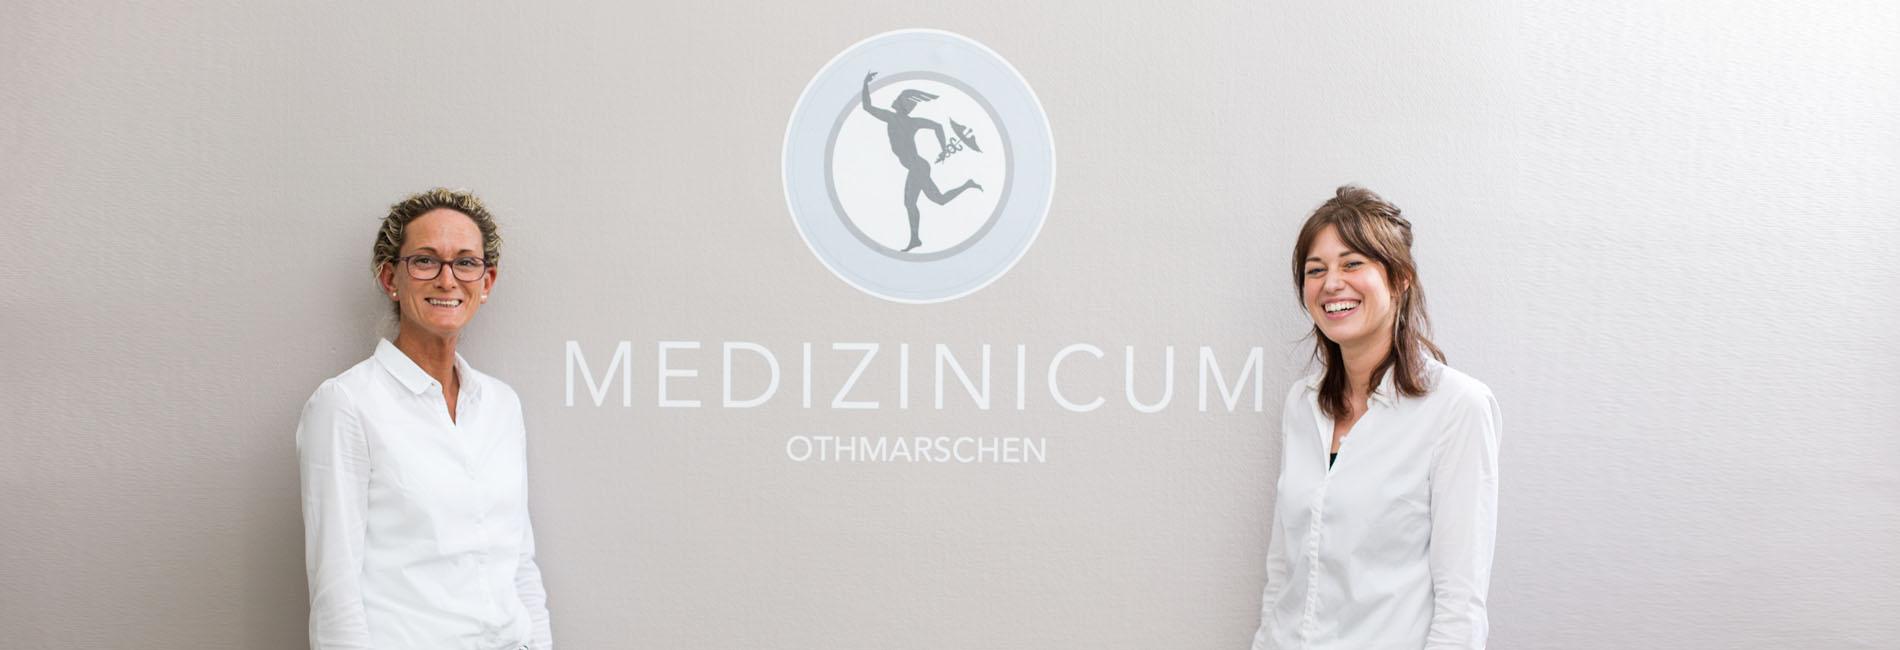 MEDIZINICUM-Othmarschen-Team-1